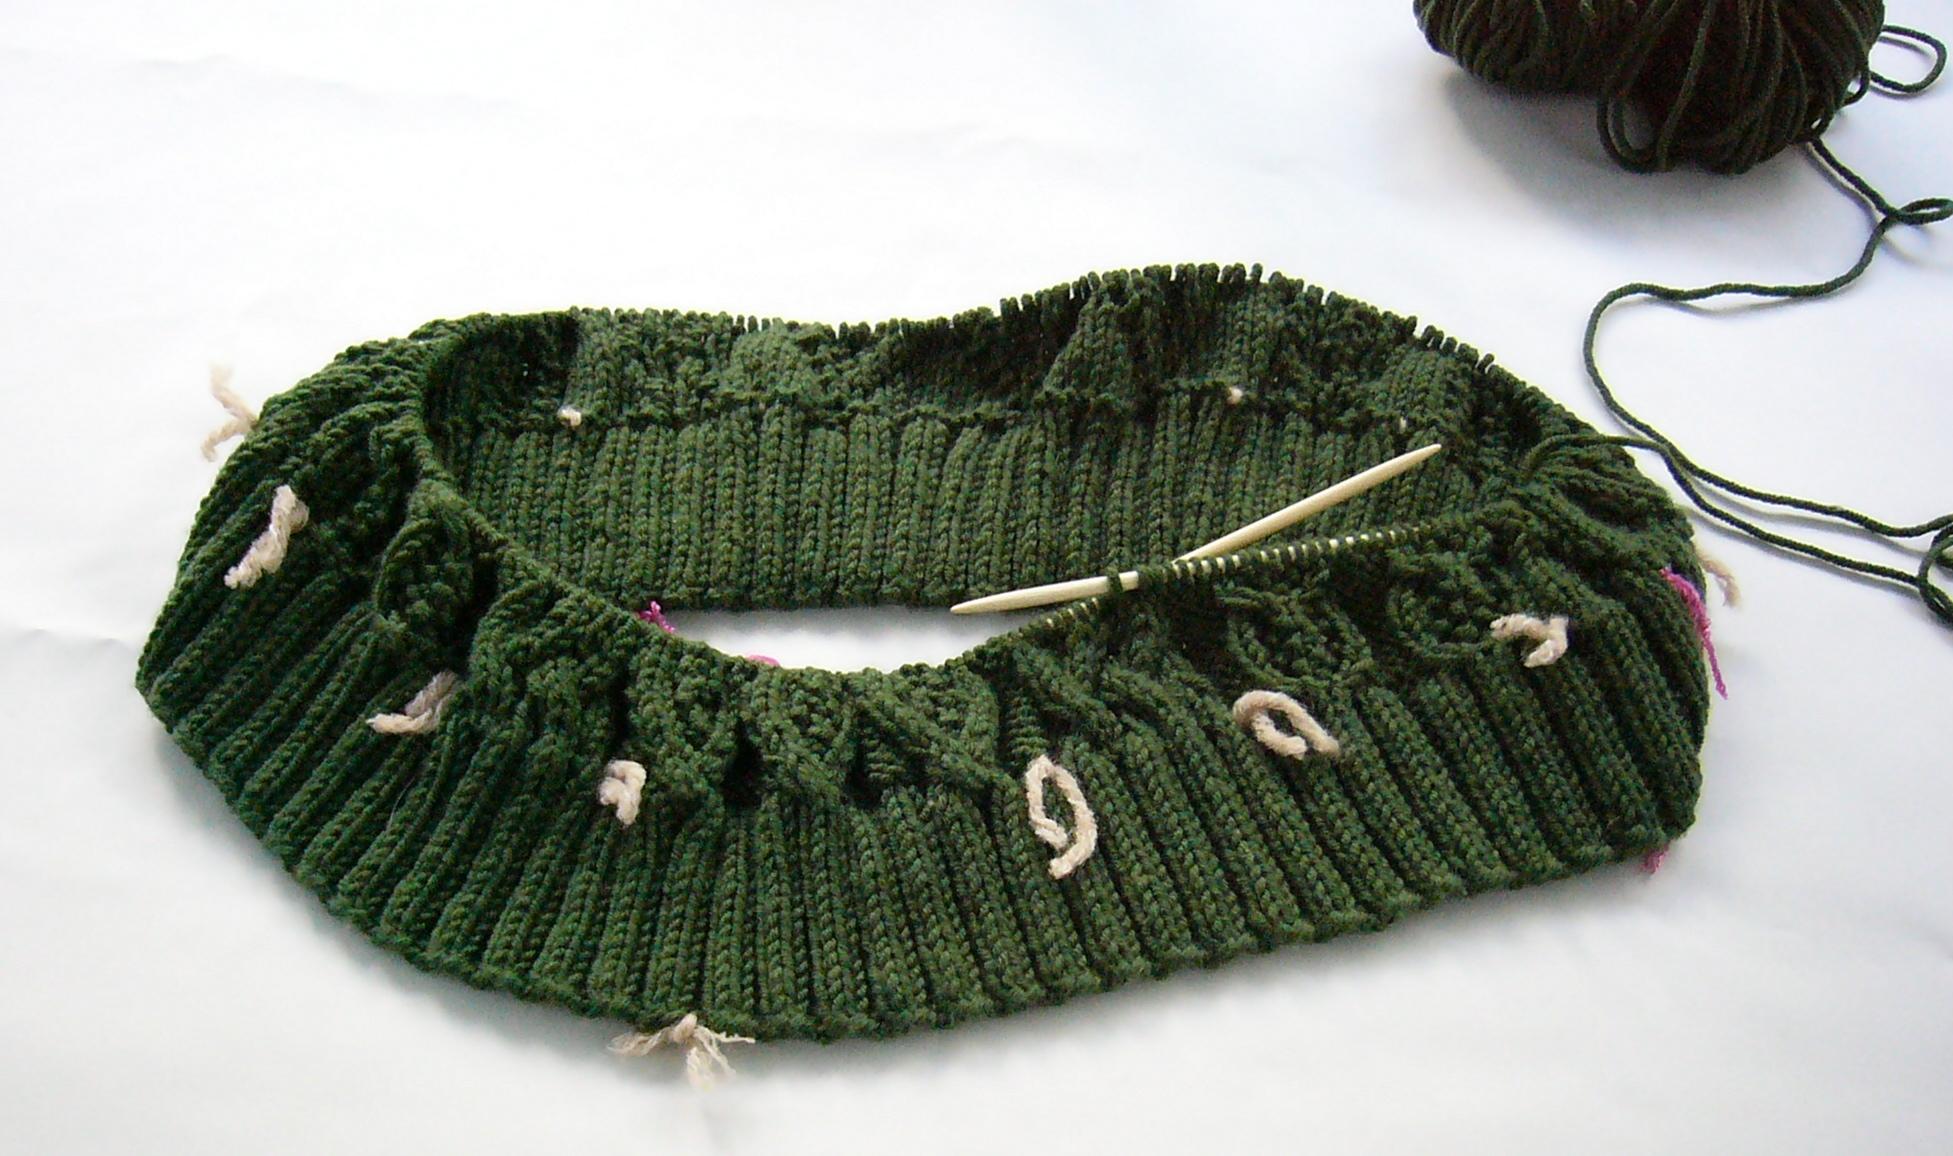 Rondbreien van een Aran-trui; de lichte draadjes scheiden de kabelpatronen